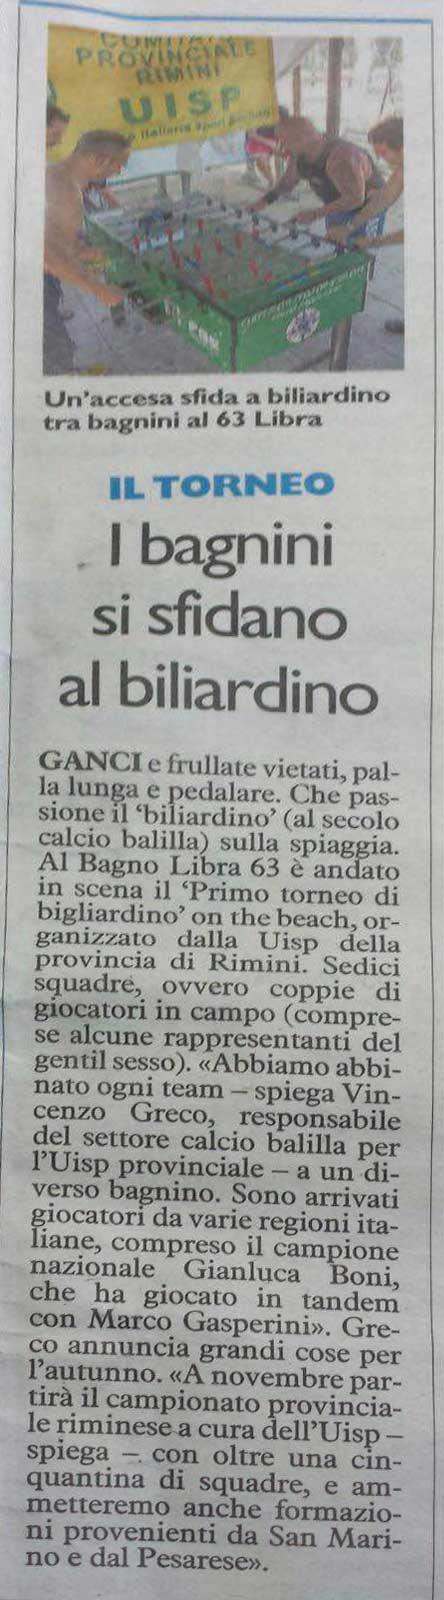 Biliardino in spiaggia